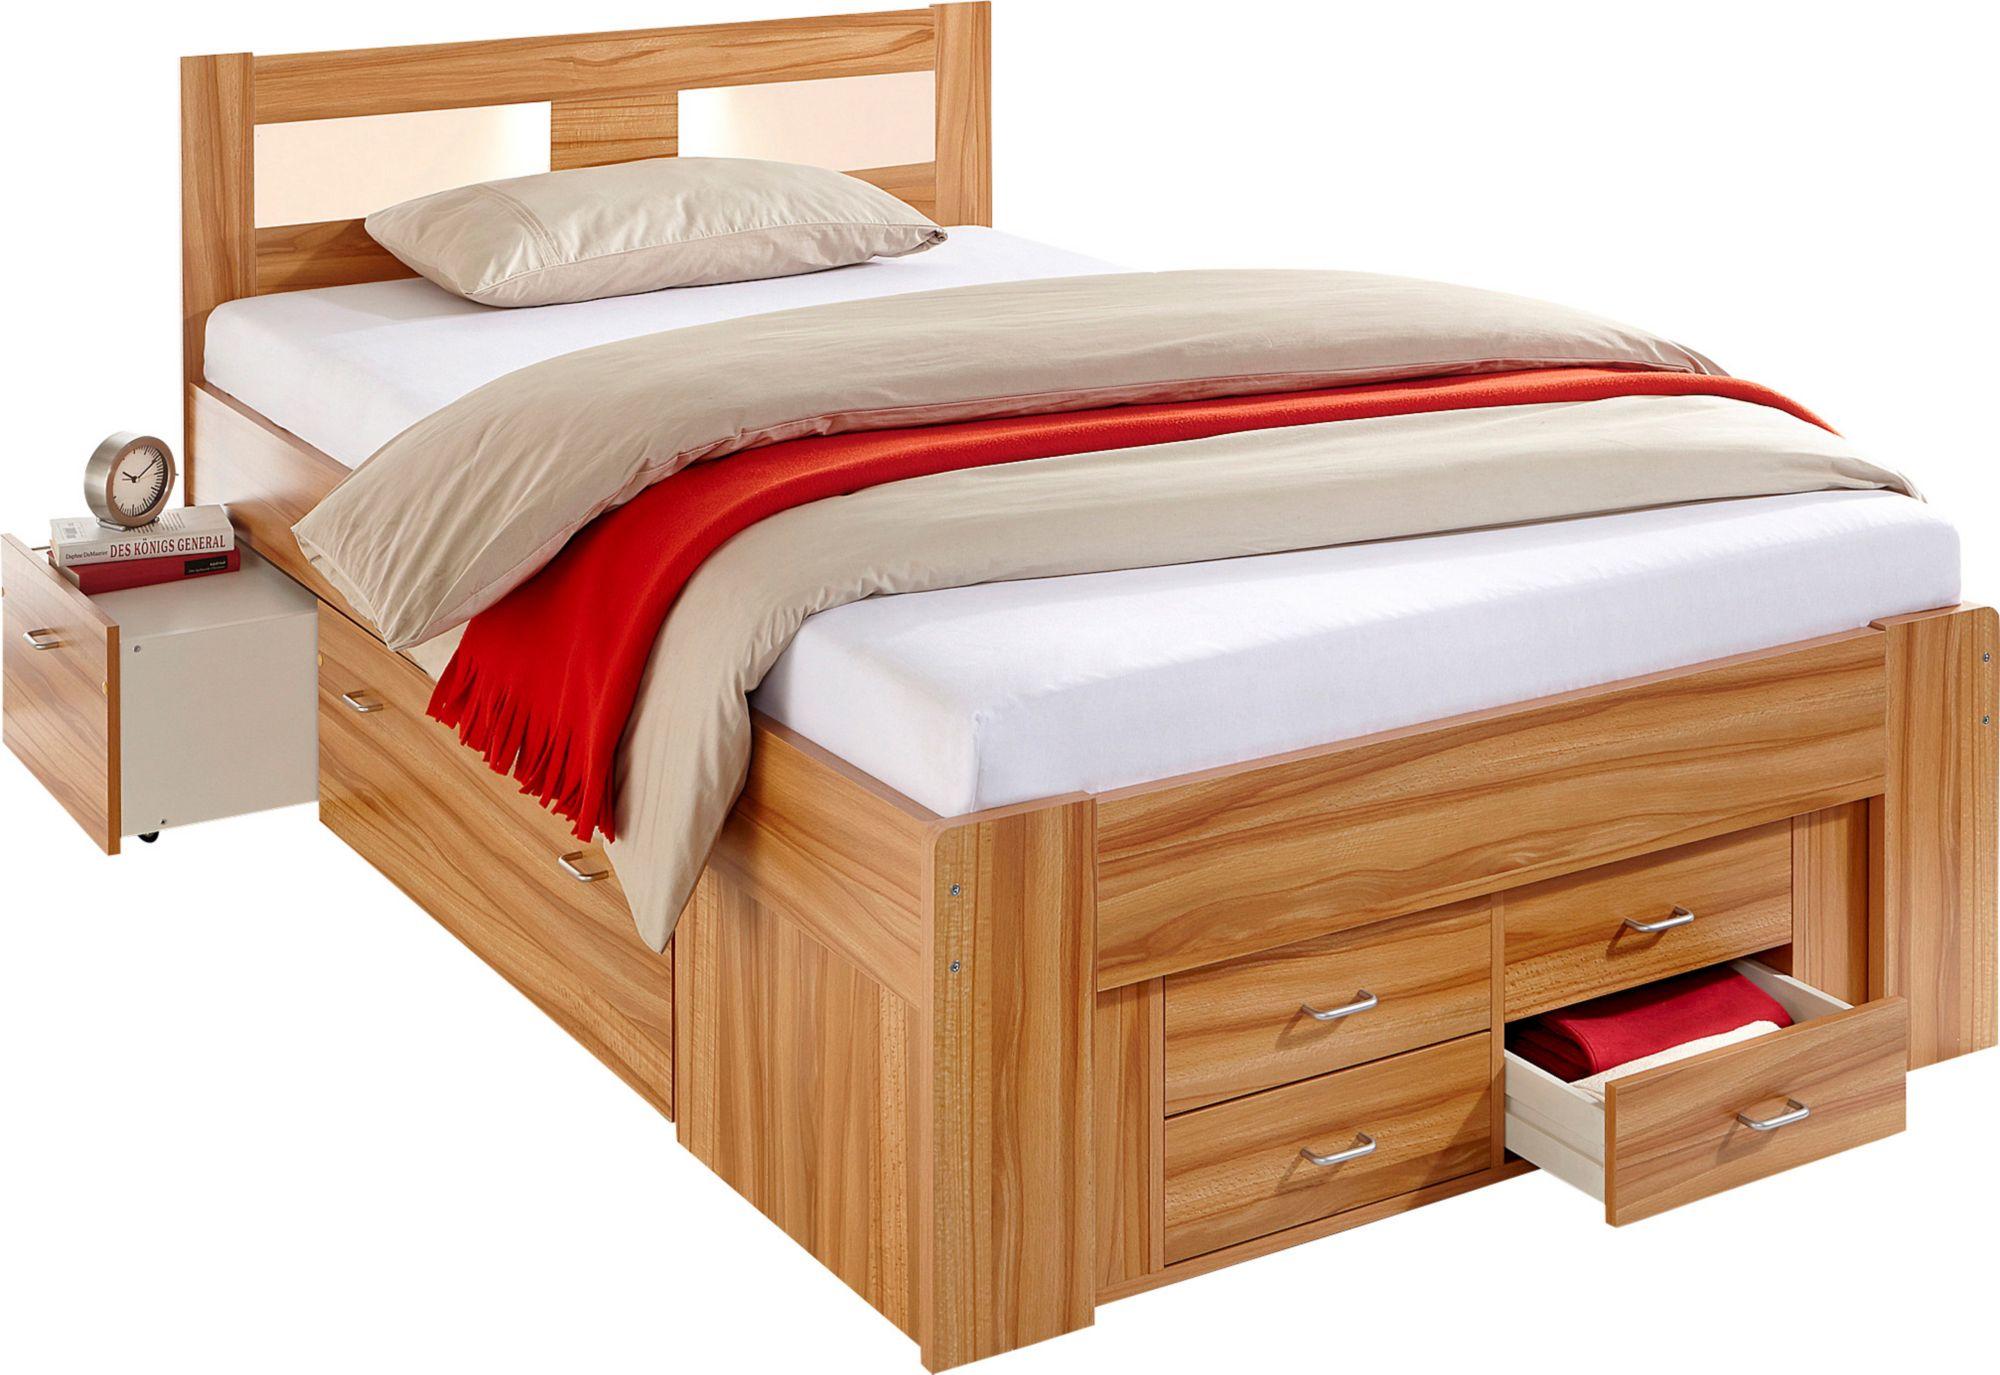 stauraumbetten im schwab online shop m bel betten. Black Bedroom Furniture Sets. Home Design Ideas